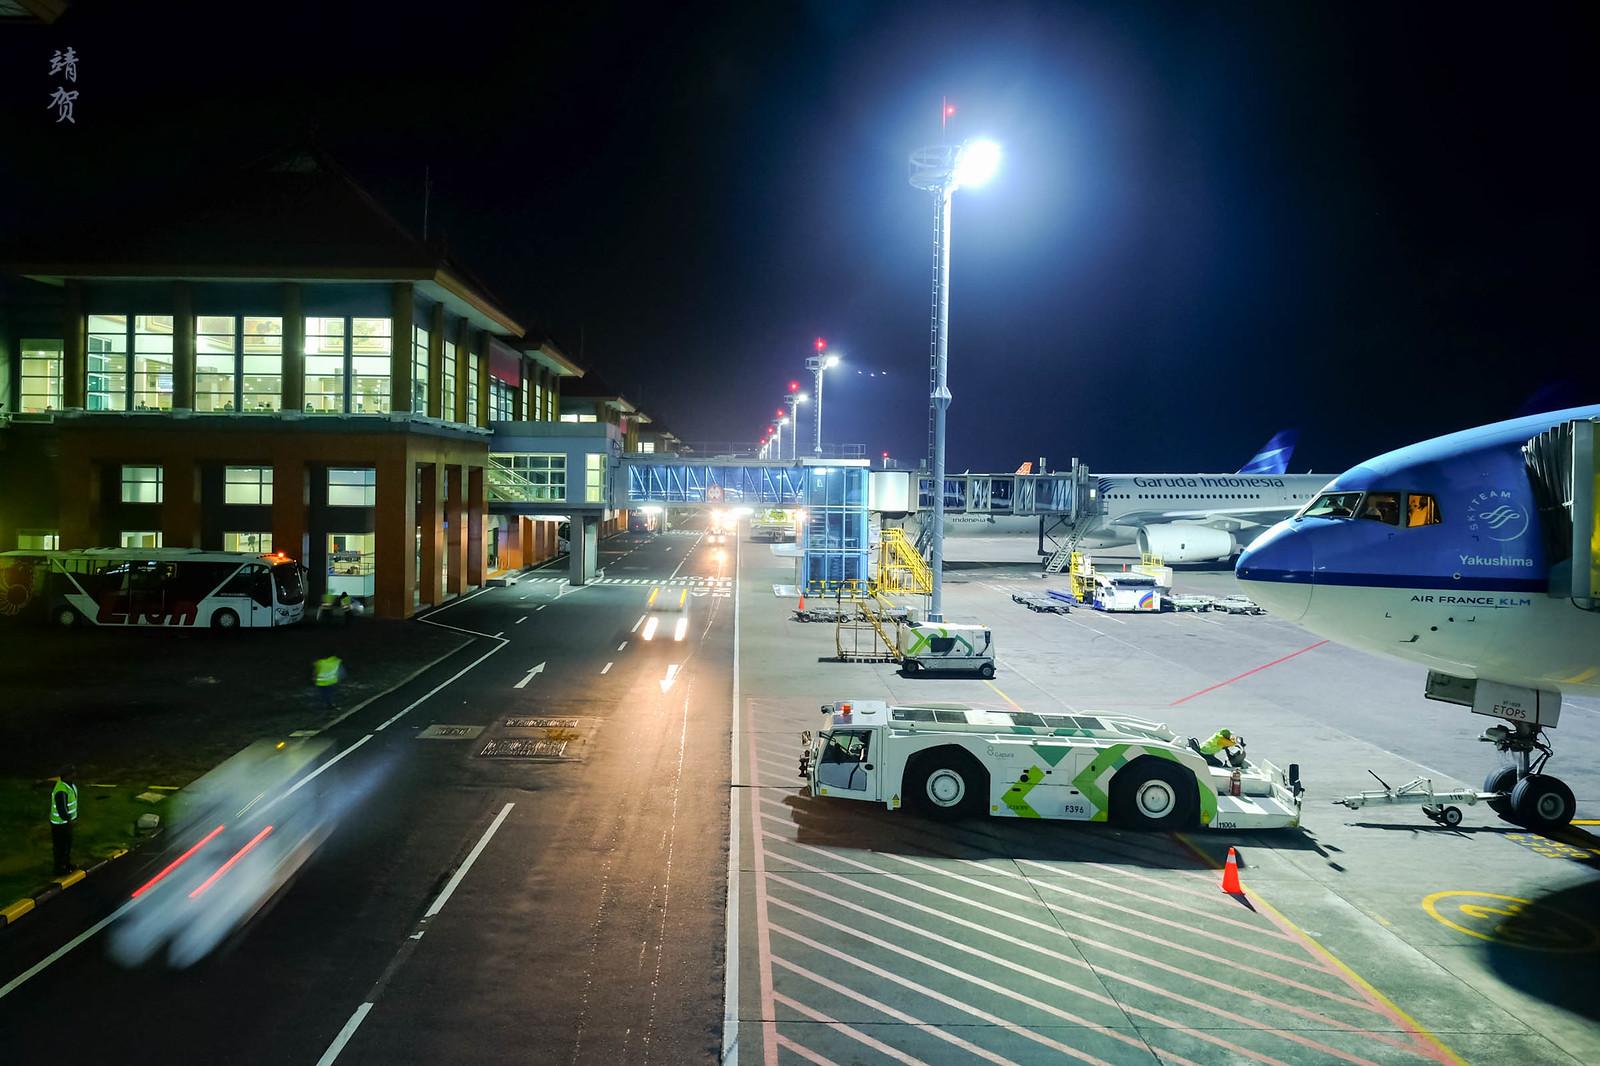 KLM 777-300ER at DPS